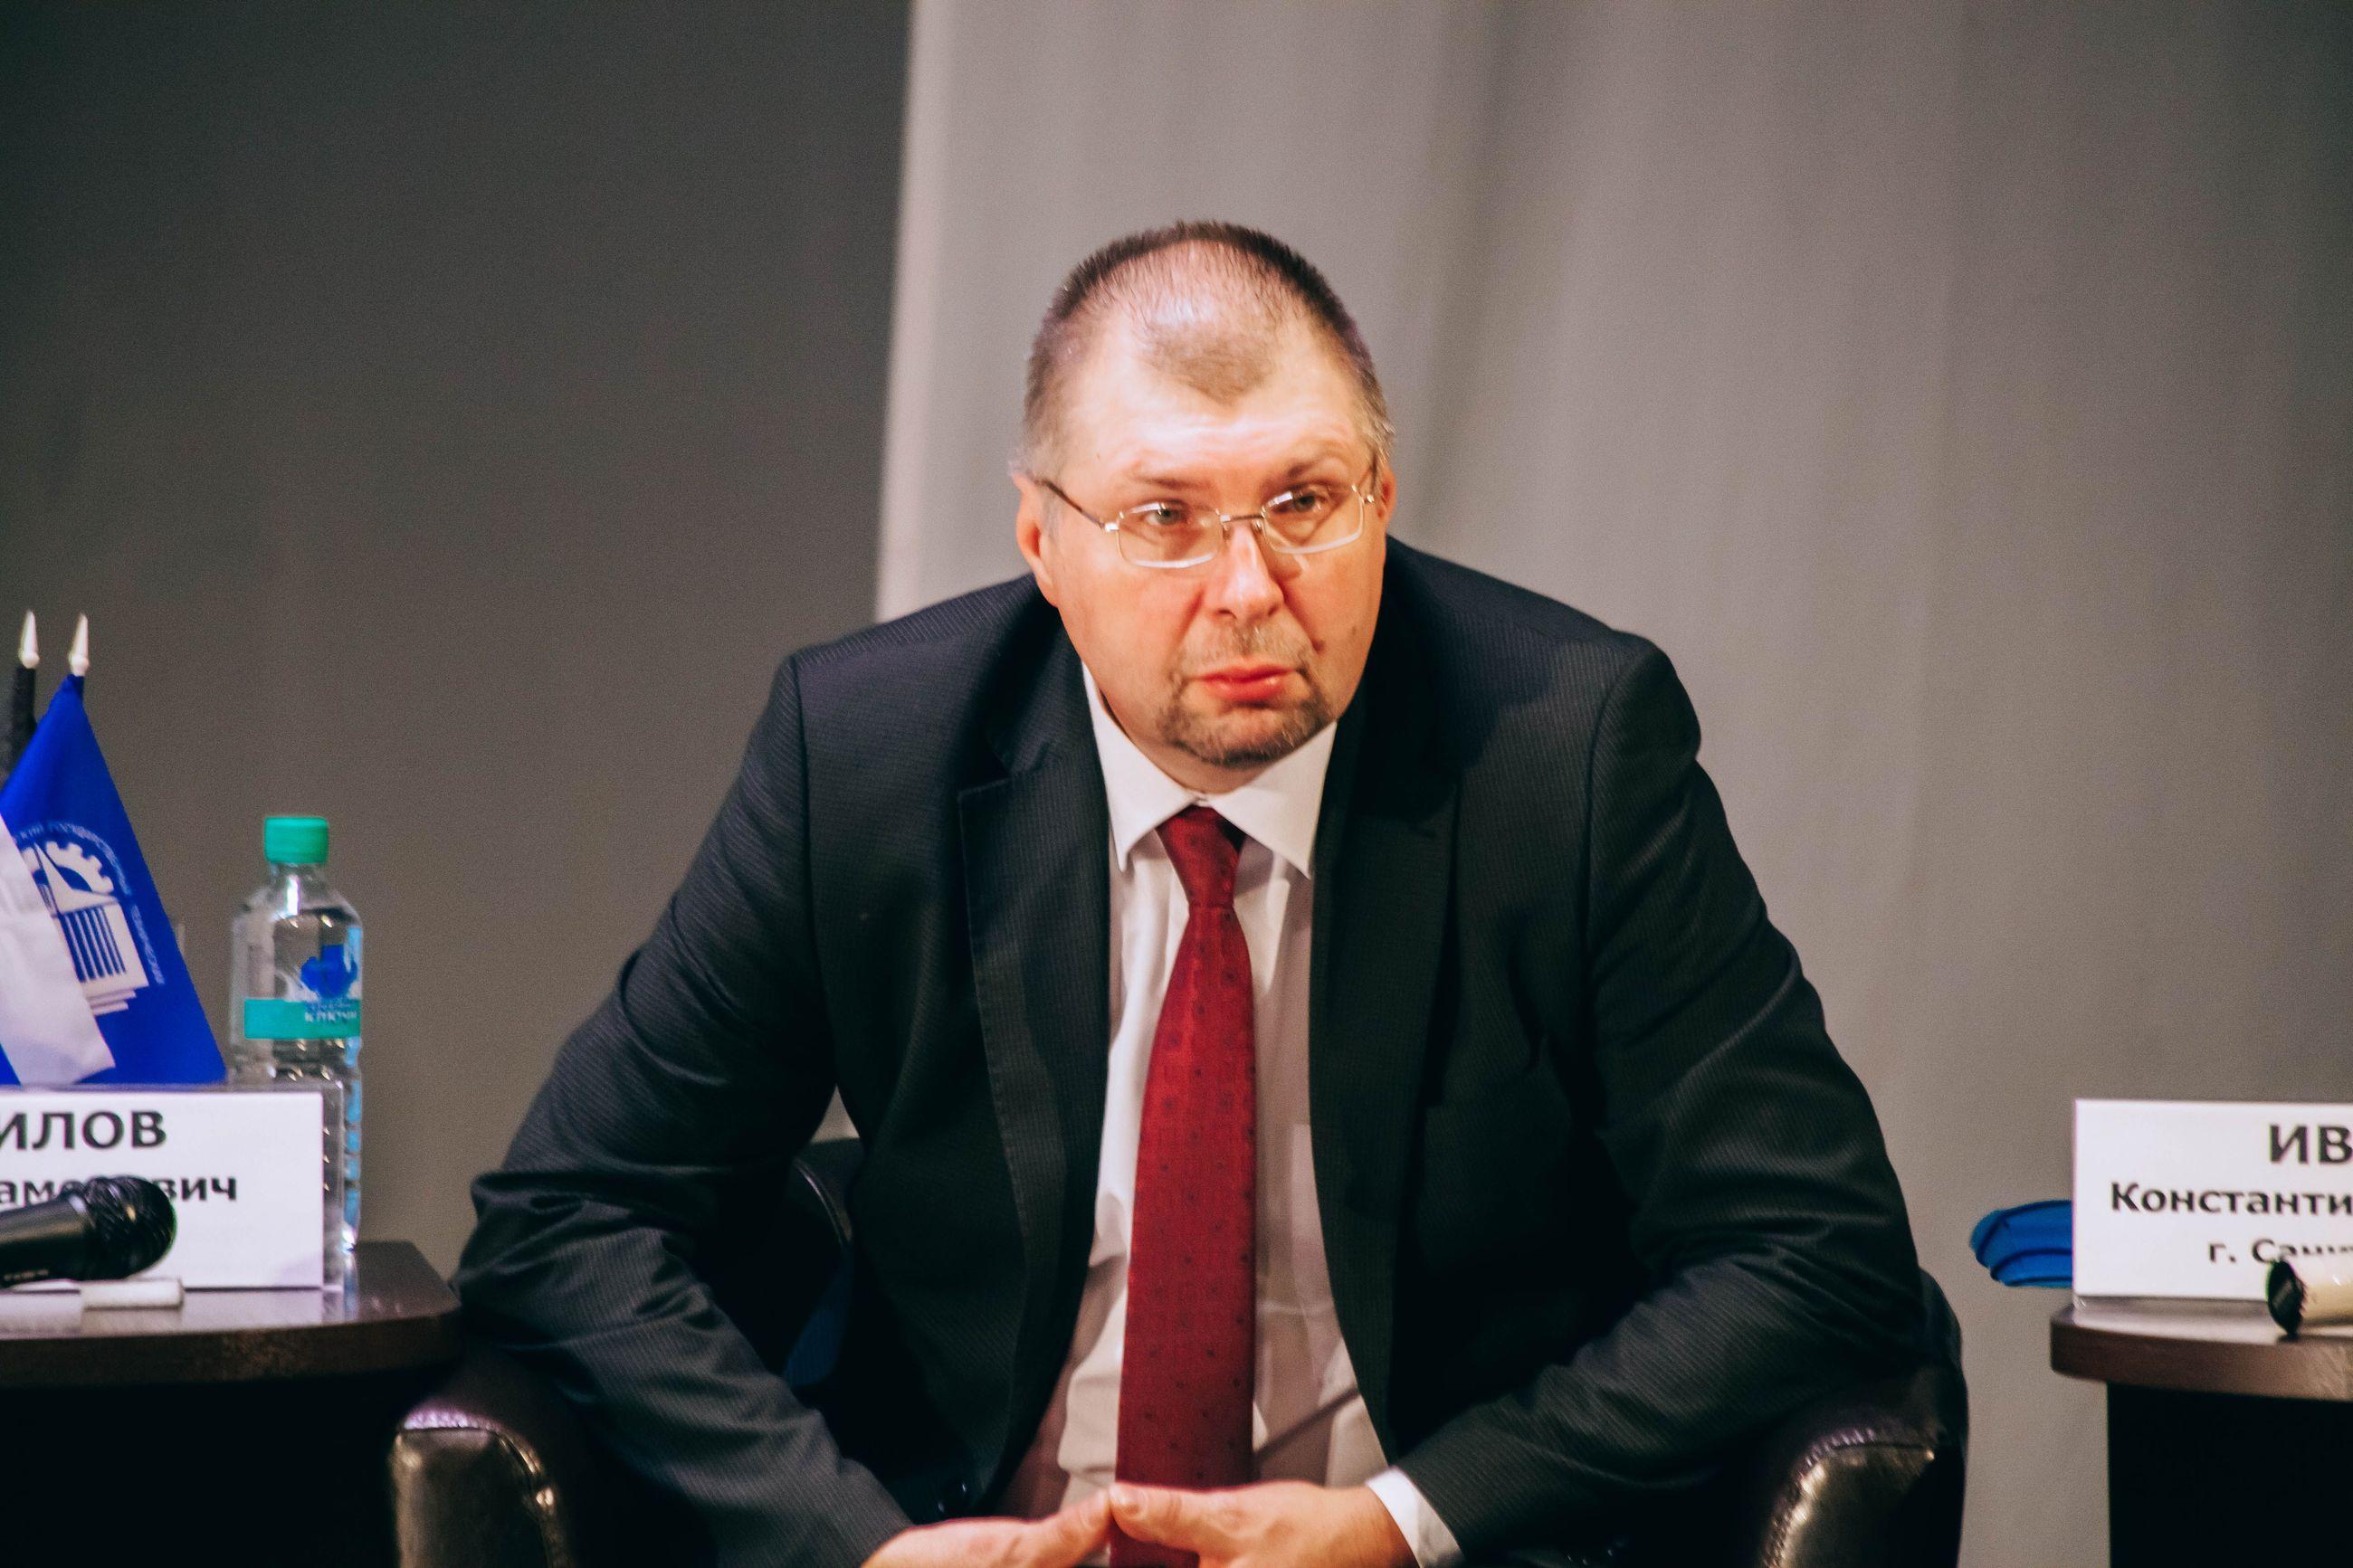 Константин Михайлович Иванов